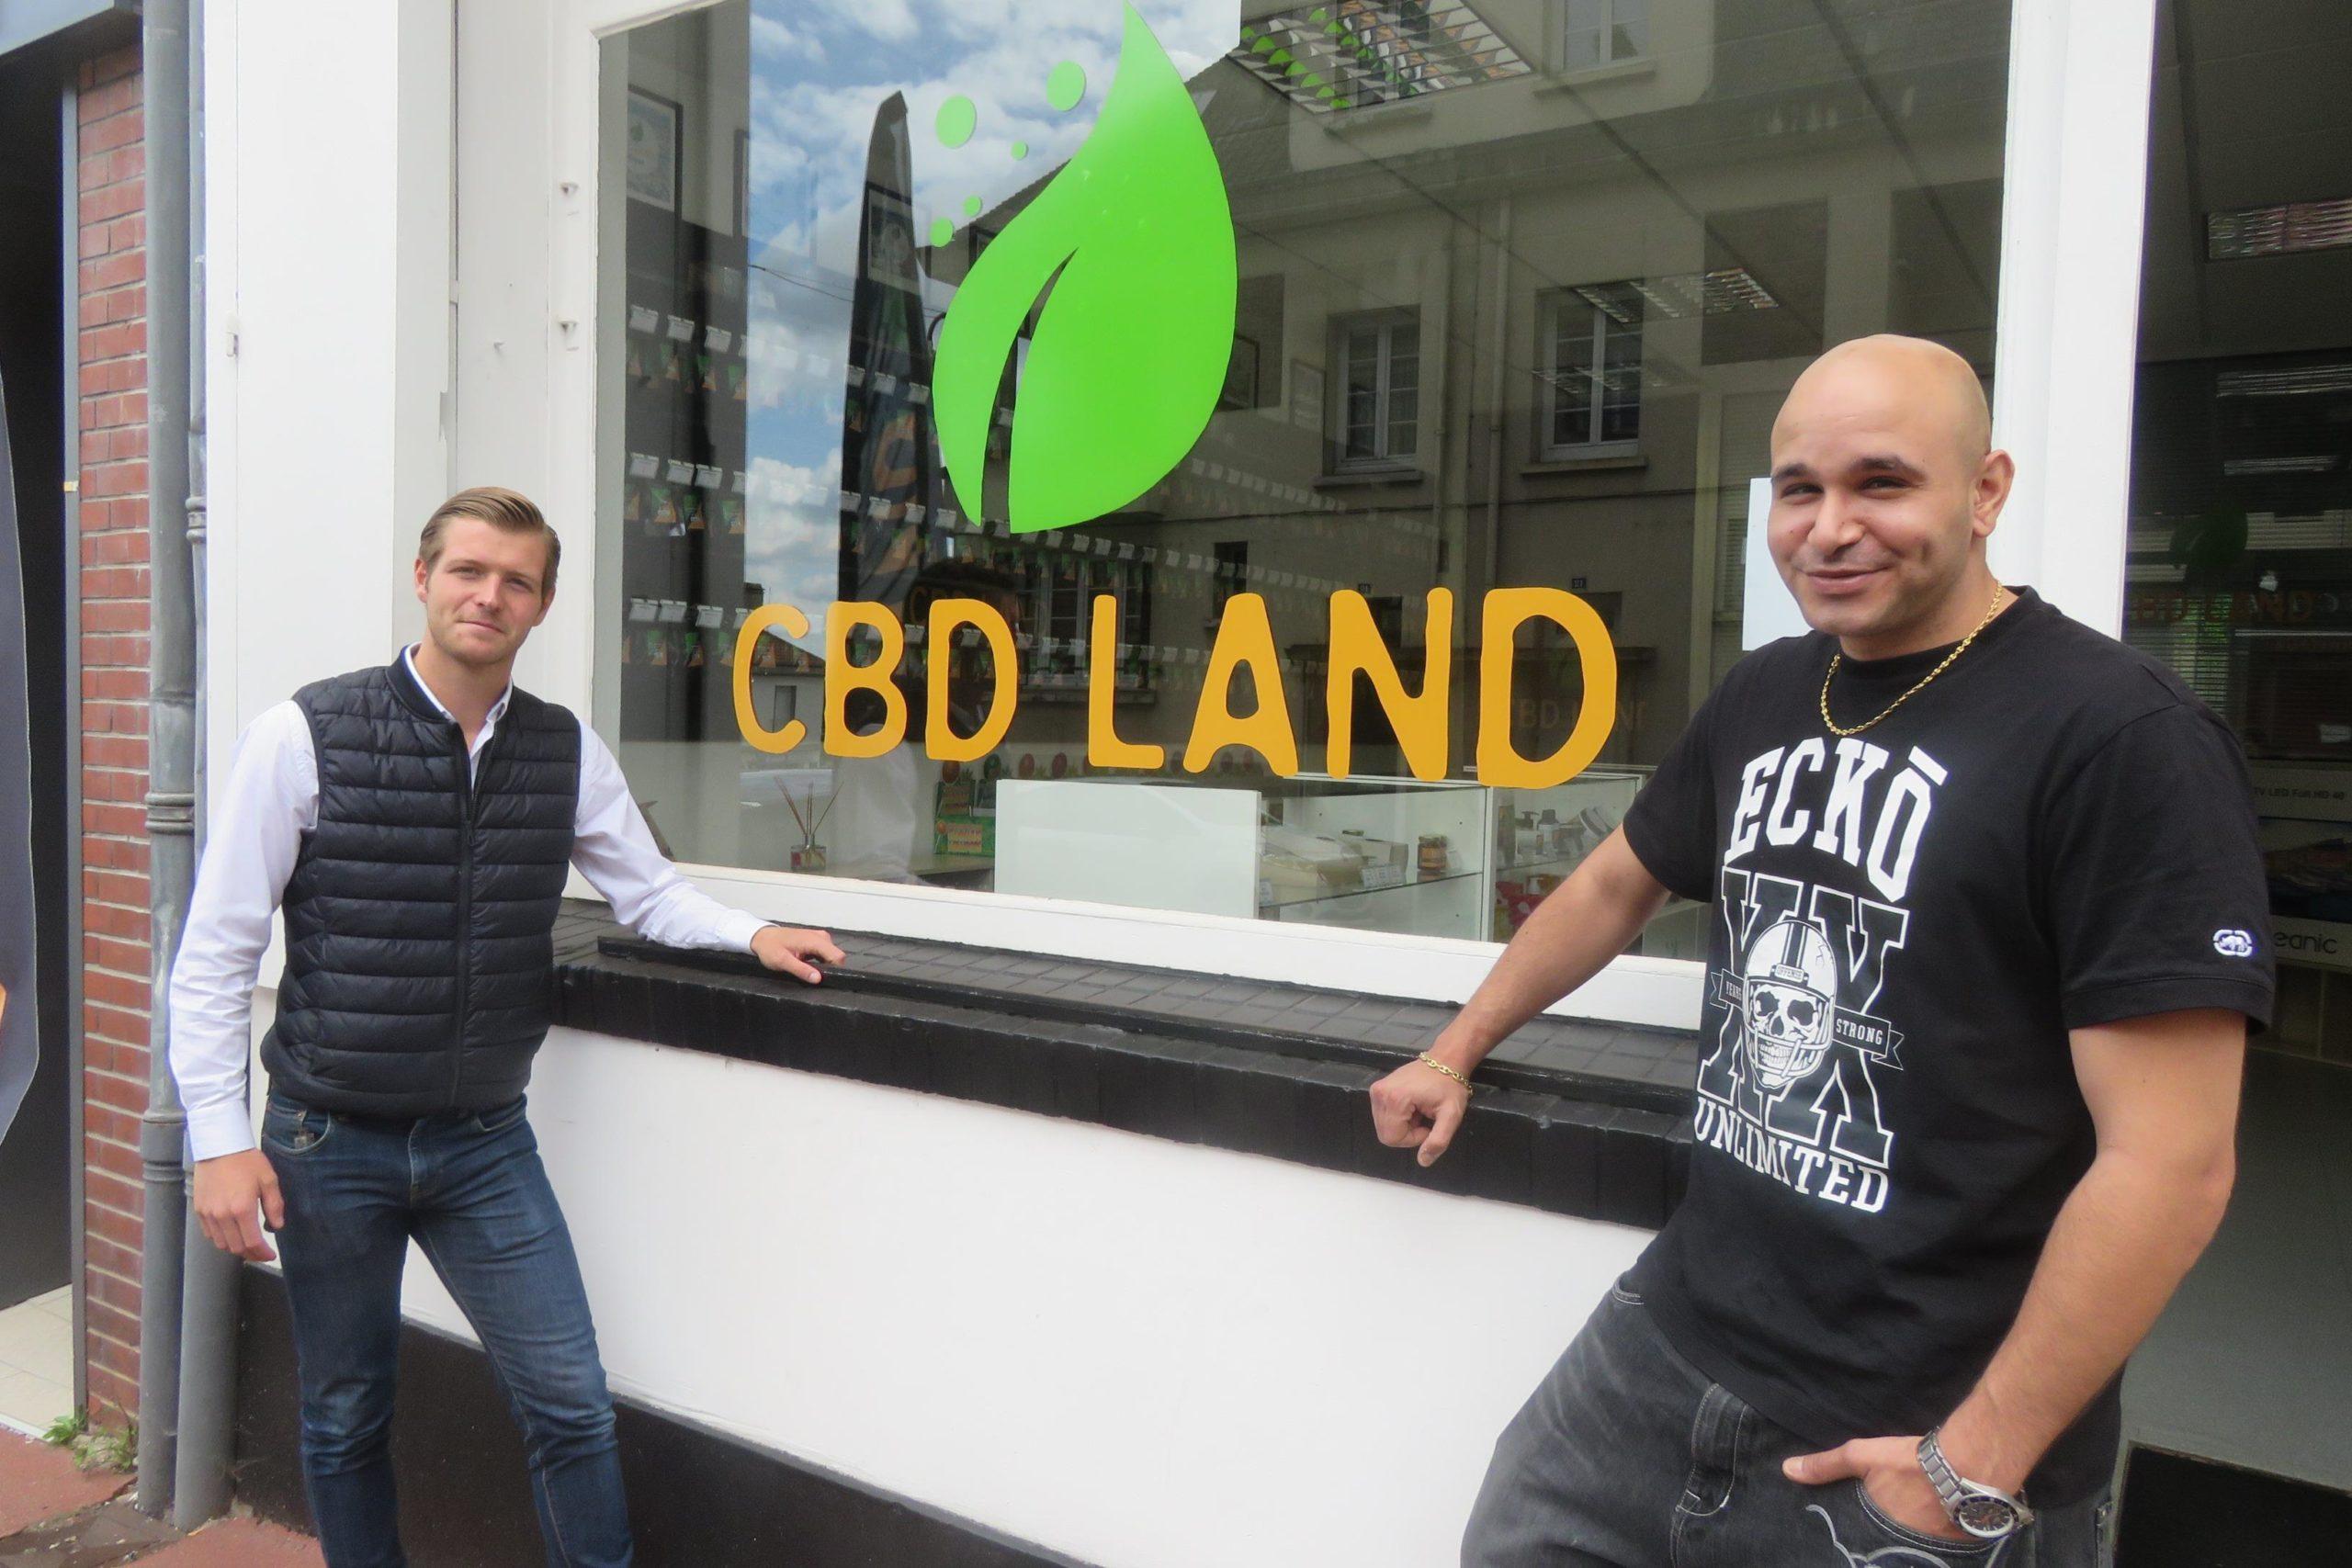 Le CBD, une des molécules légales du cannabis, a débarqué à Neufchâtel-en-Bray